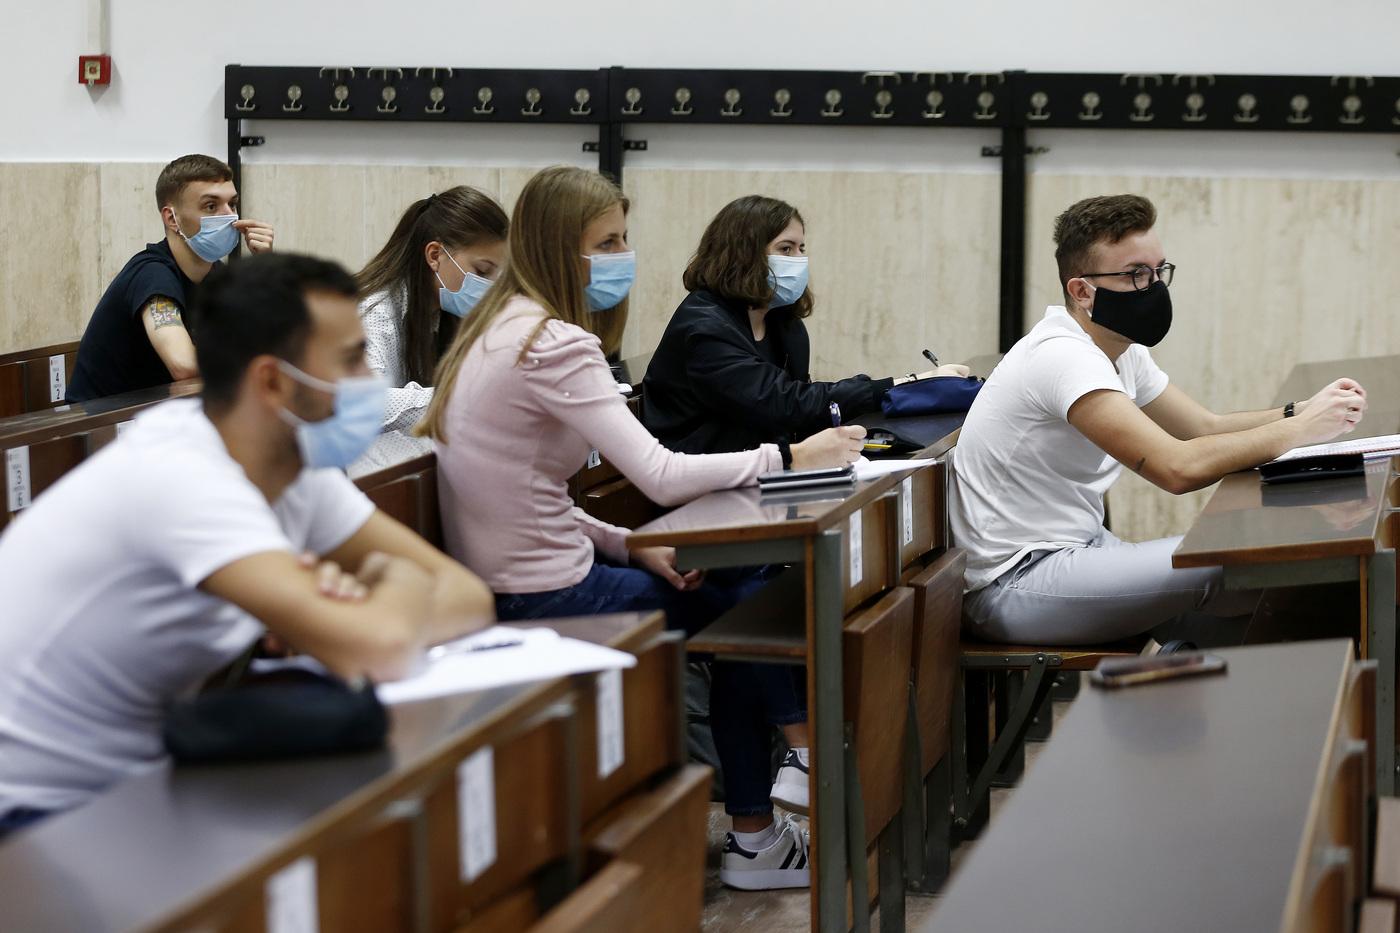 Scuola, è boom di contagi: salgono a oltre 900 gli istituti scolastici con casi accertati di Covid-19 e il governo lancia l'allarme